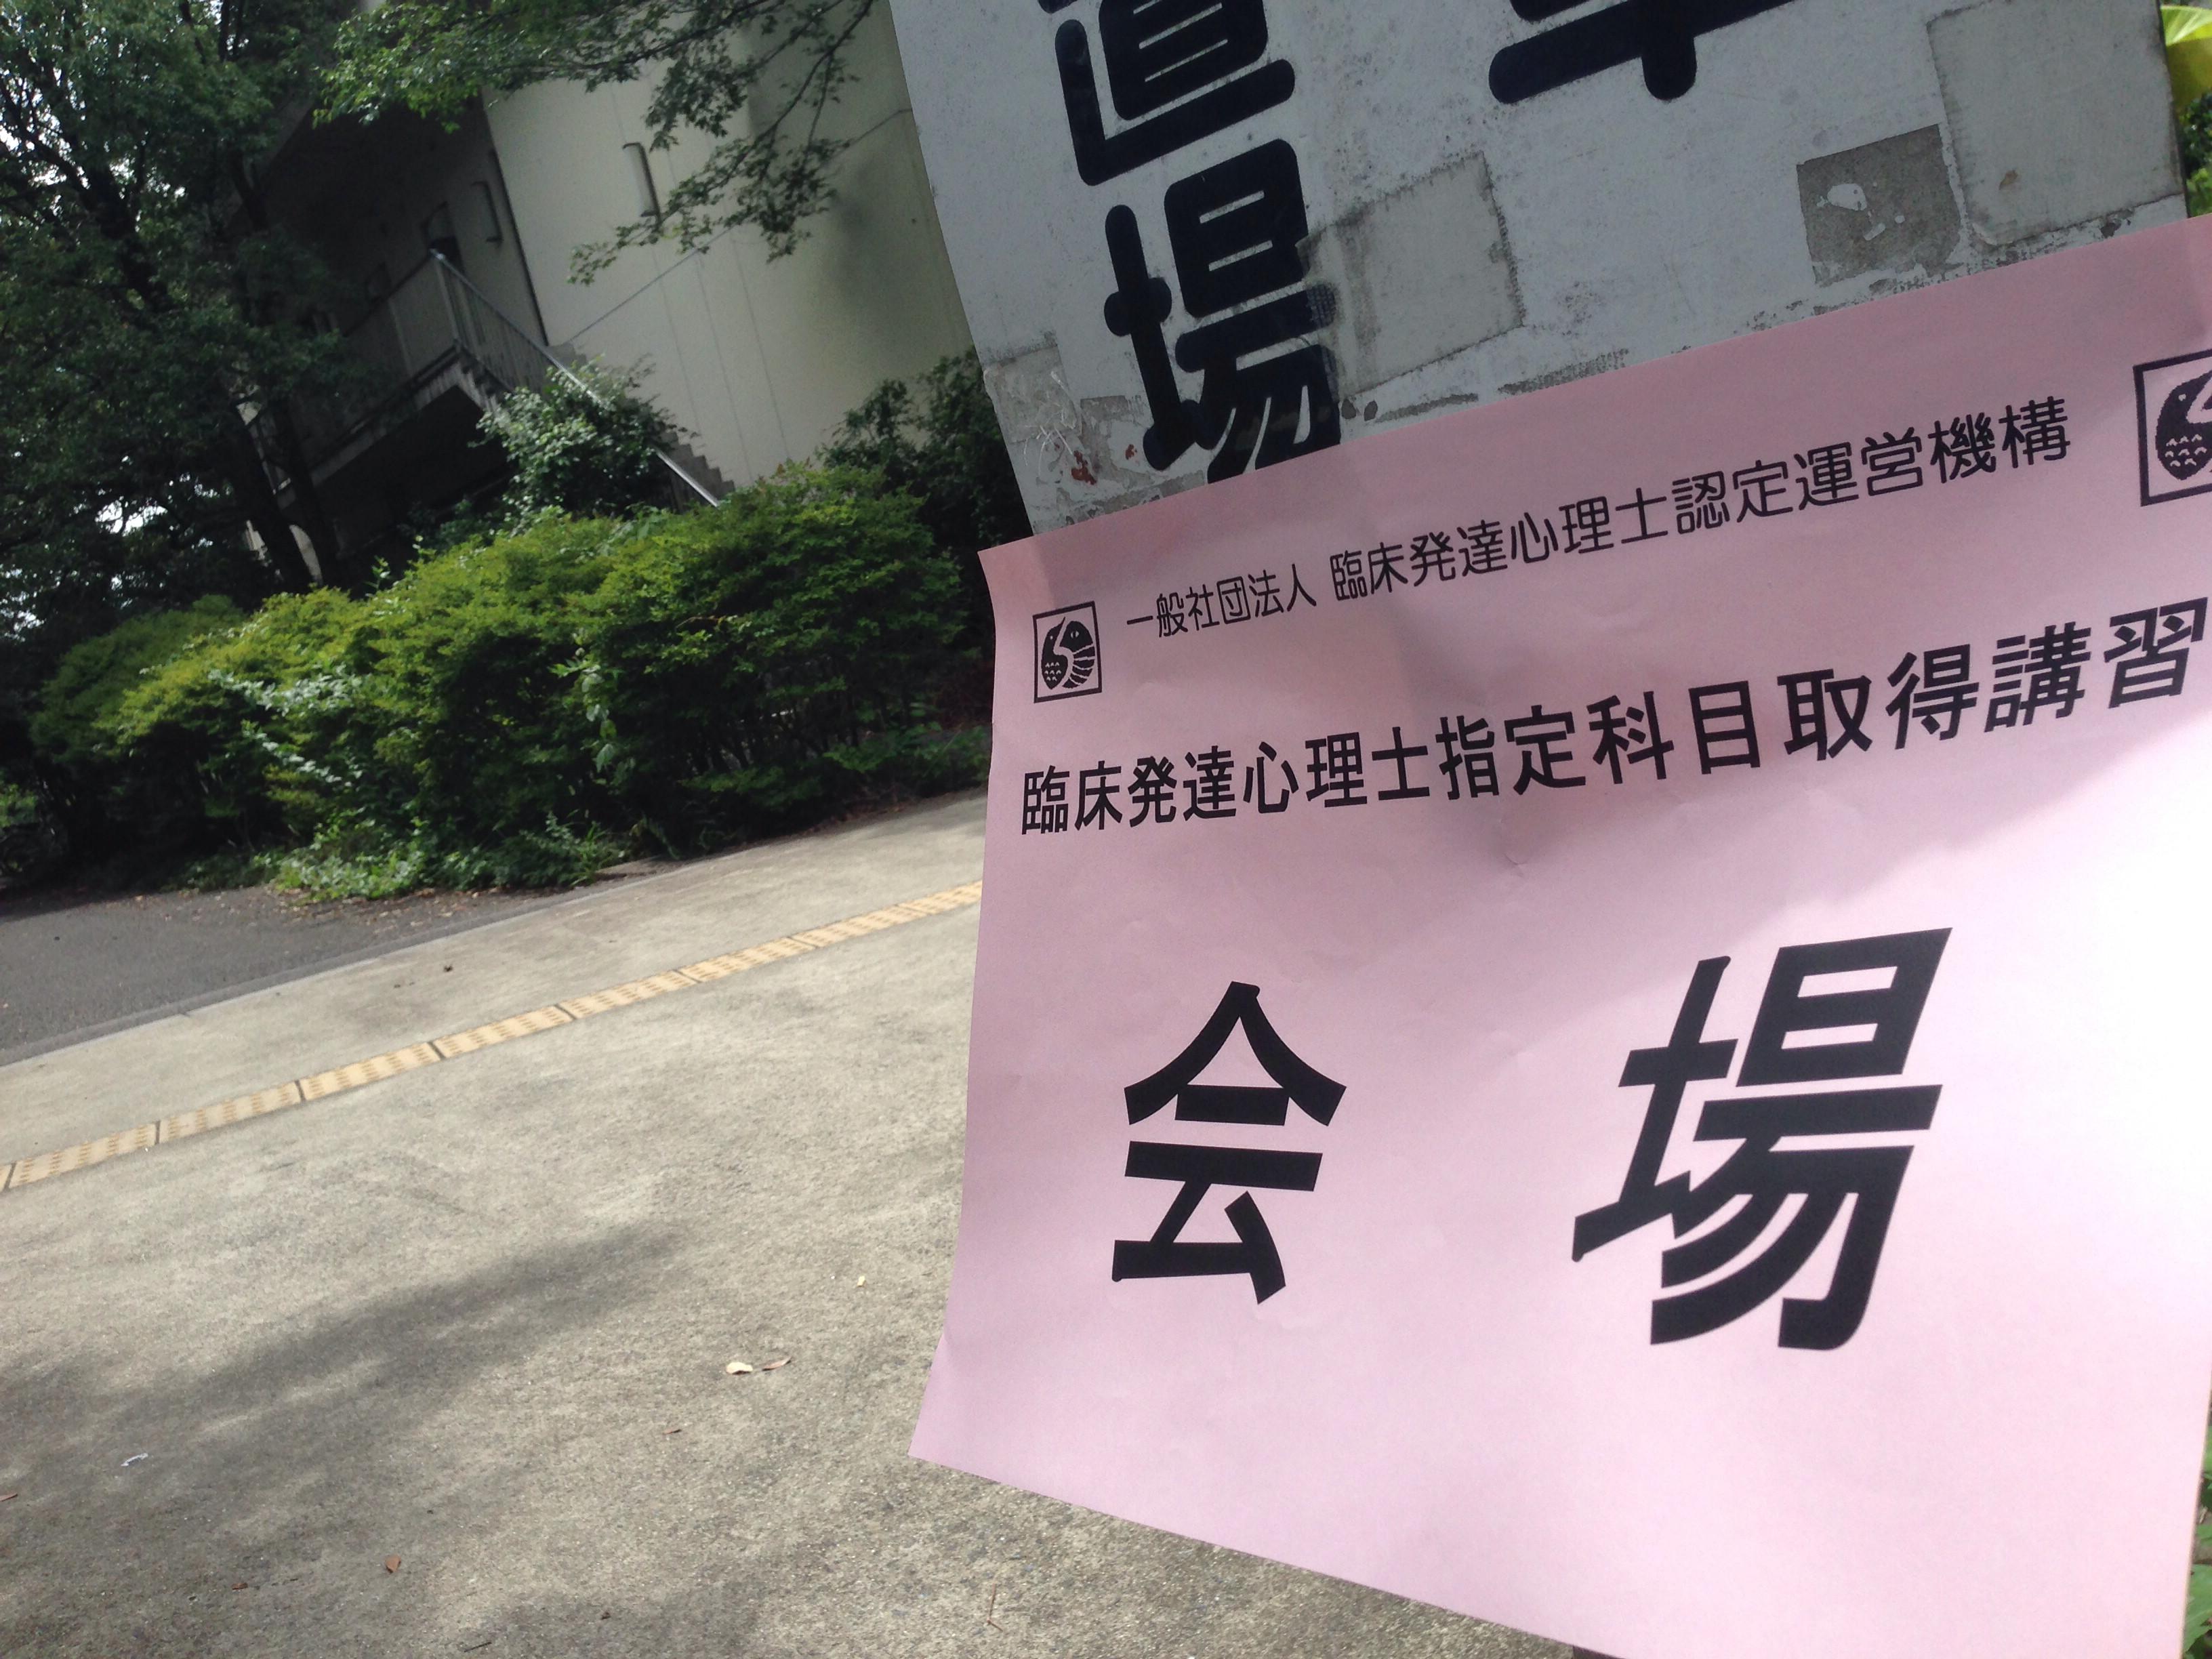 臨床発達心理士、京都へ4日間の指定科目取得講習へ行って来ました。